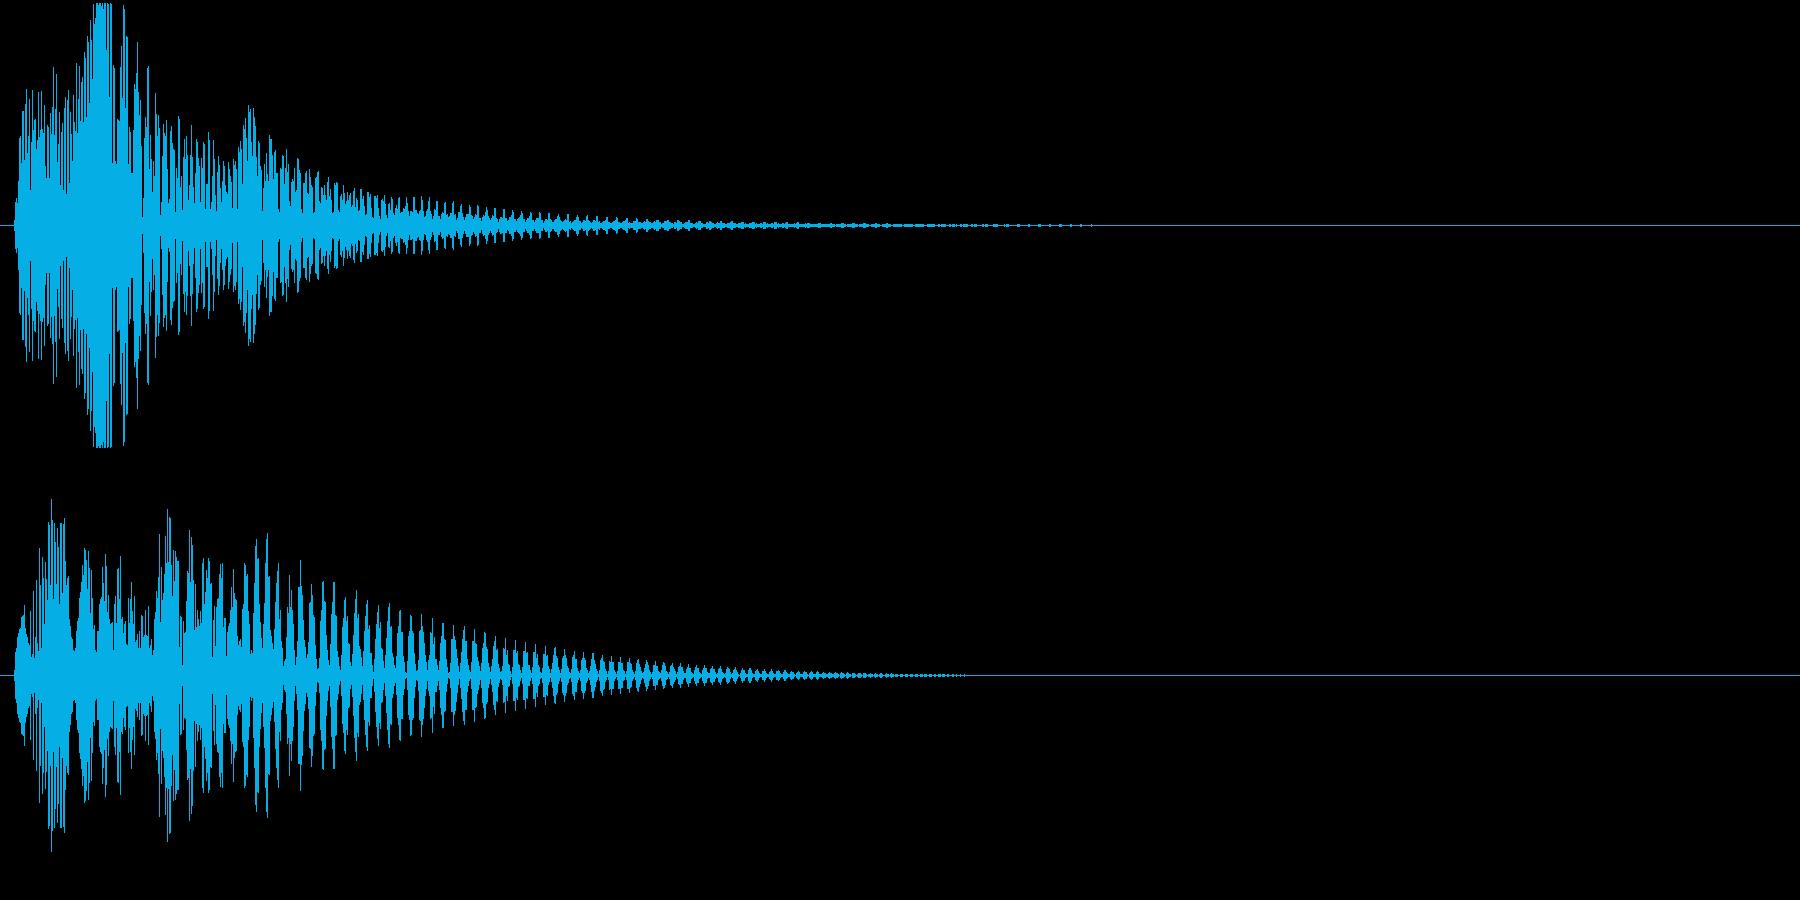 Baby 幼児玩具向け可愛い電子音1の再生済みの波形